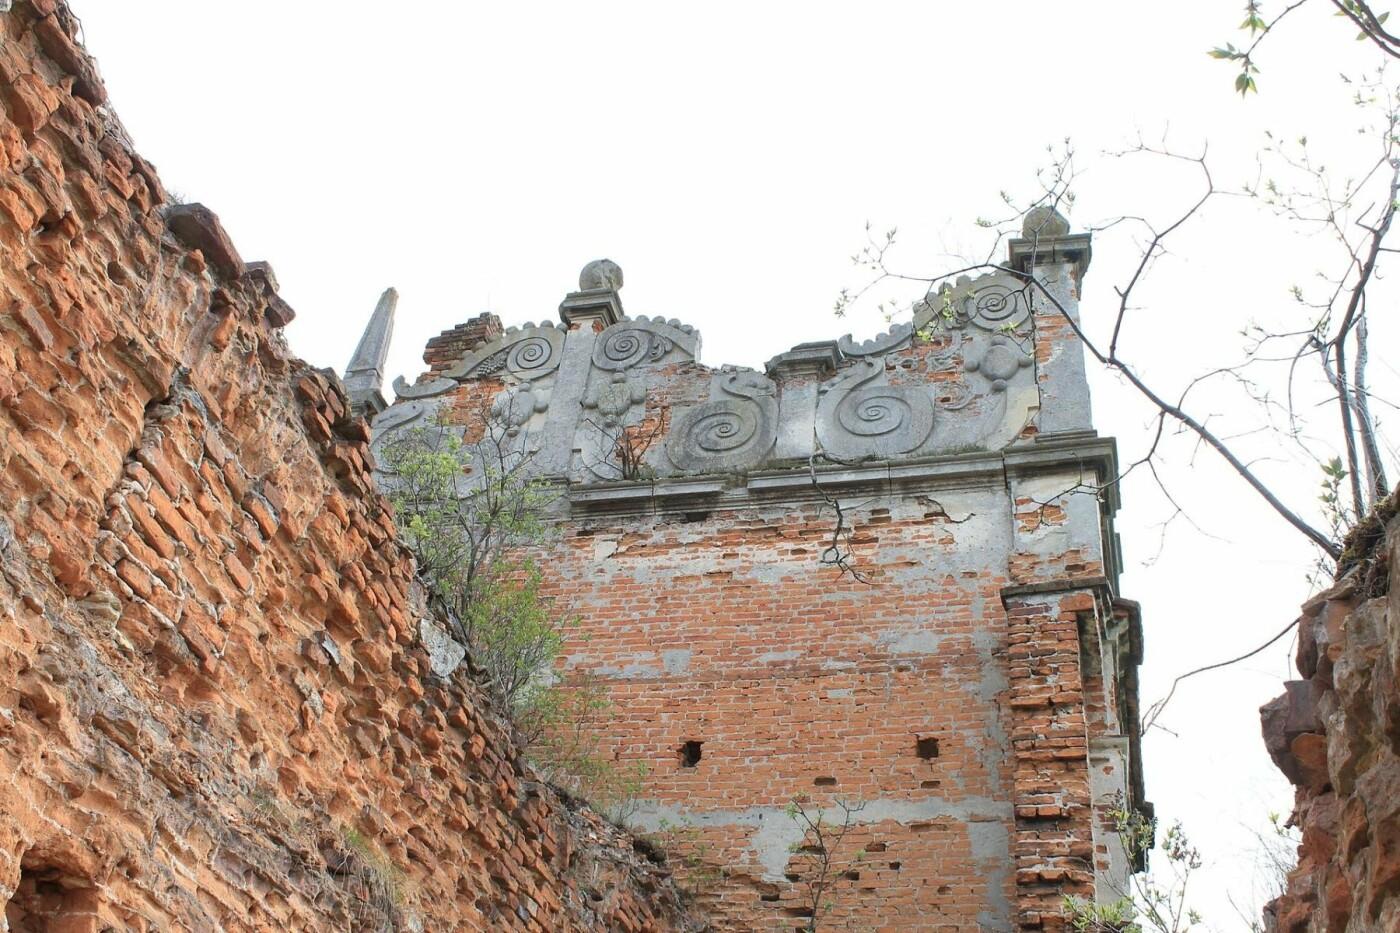 Невероятная Украина. От Луцка до Львова: 9 замков, подземелья и лавра (ФОТО, КАРТА, ЦЕНЫ), фото-43